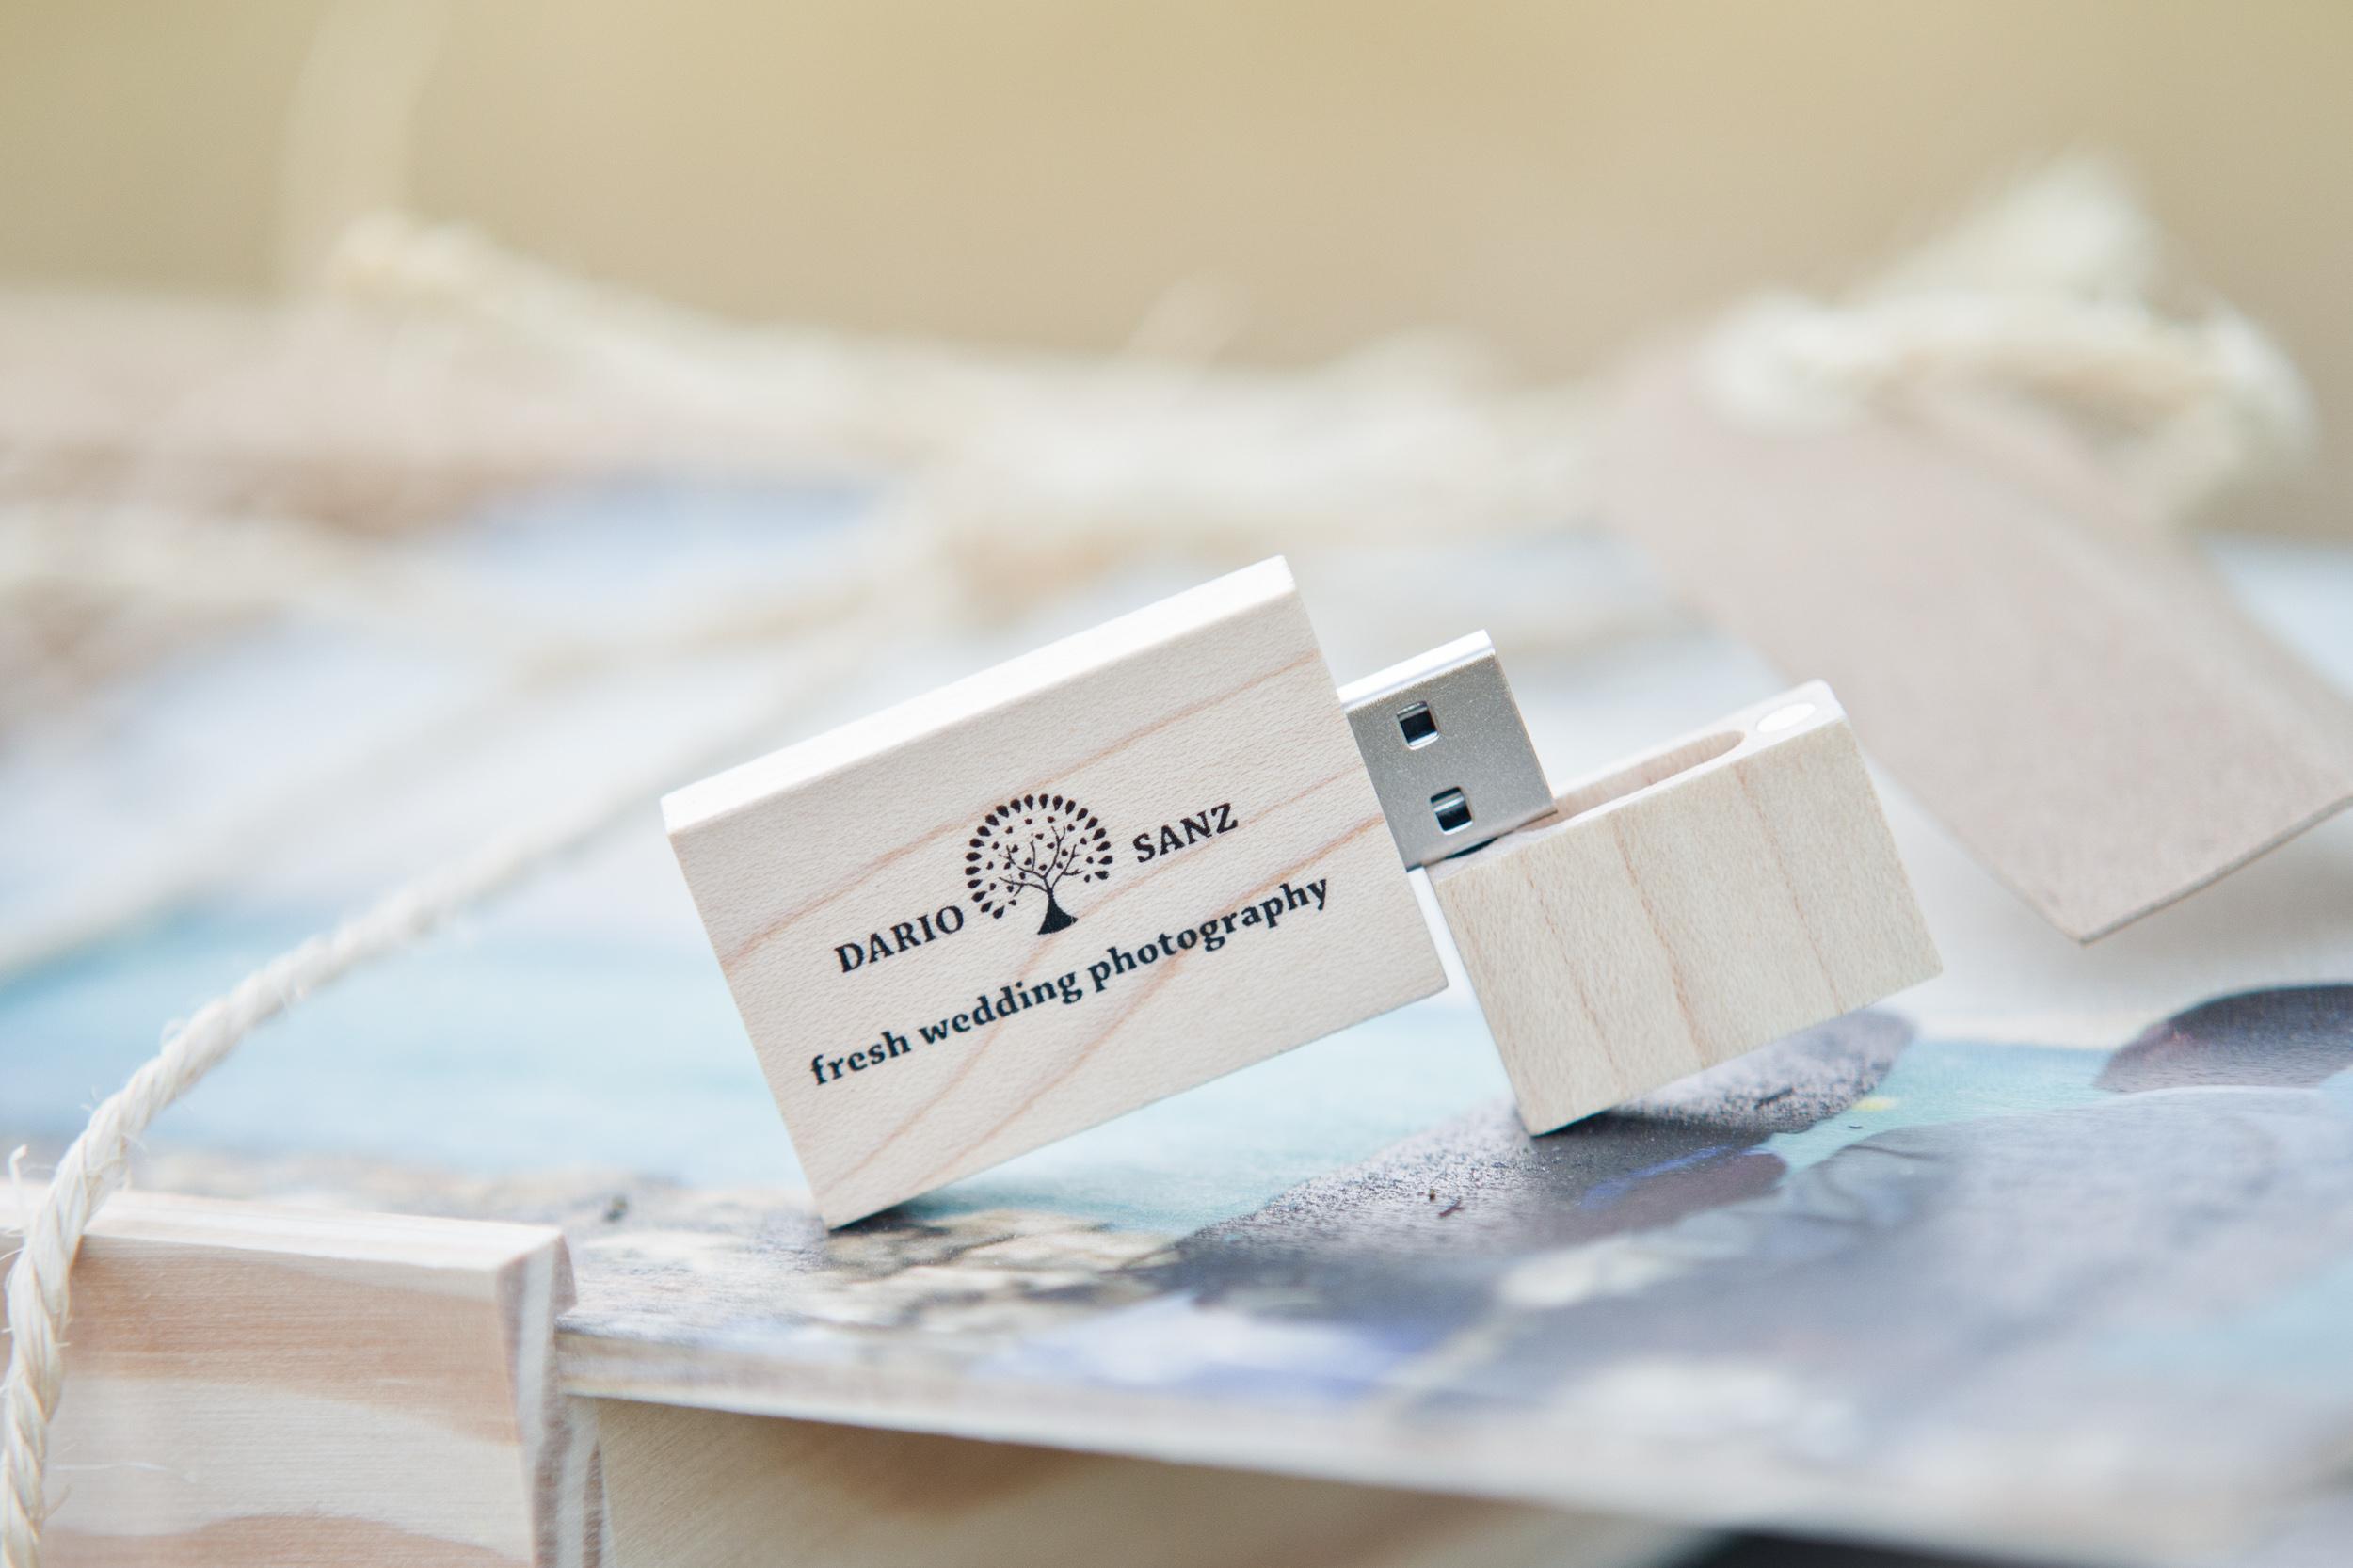 Todas las fotografías del reportaje en archivos del alta resolución / All the pictures of the wedding in a USB with high resolution files.